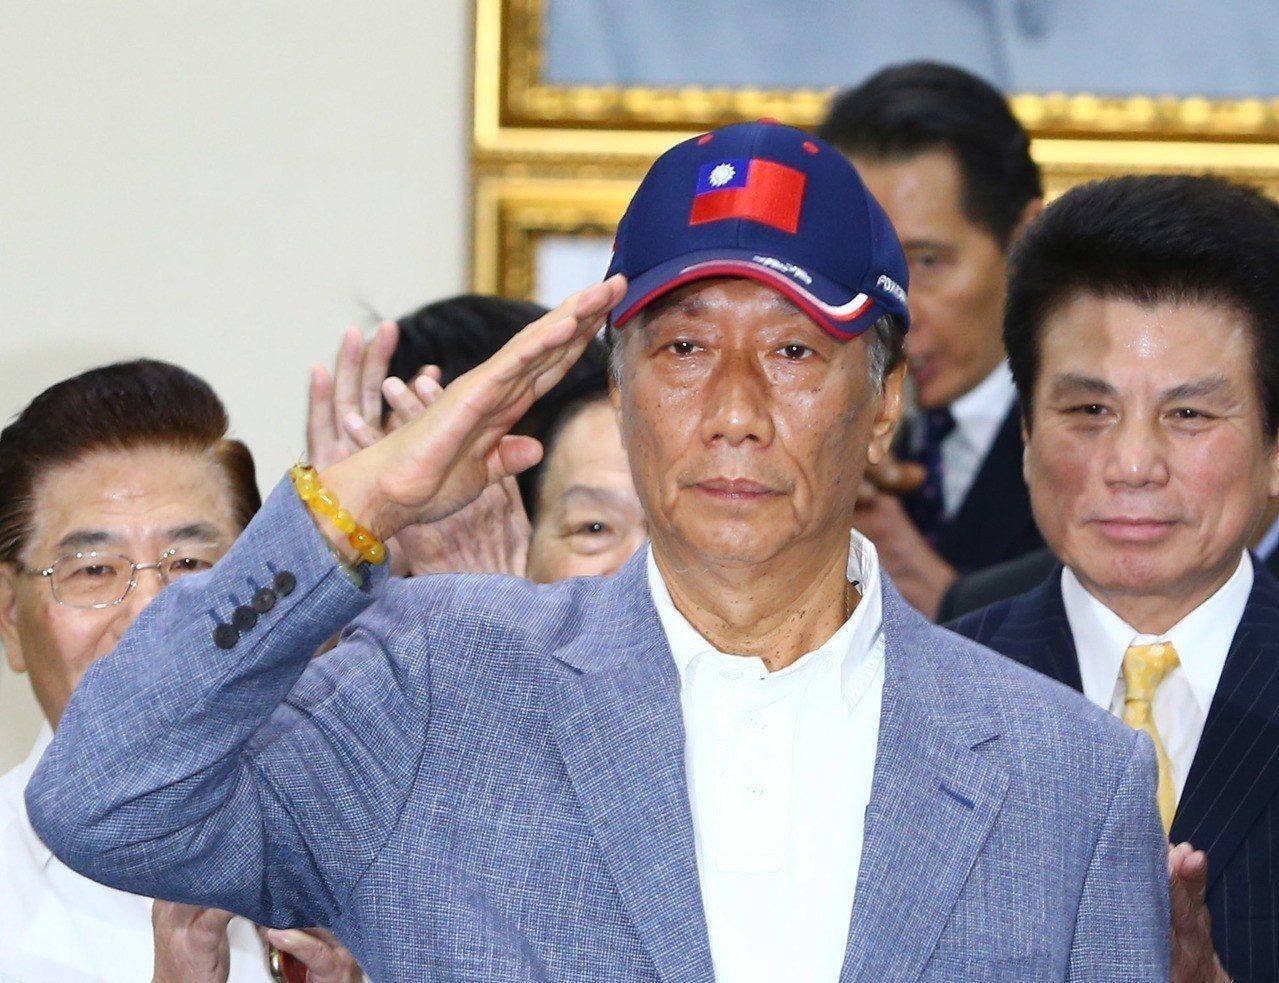 鴻海董事長郭台銘昨天宣布投入國民黨初選。 報系資料照/記者陳柏亨攝影